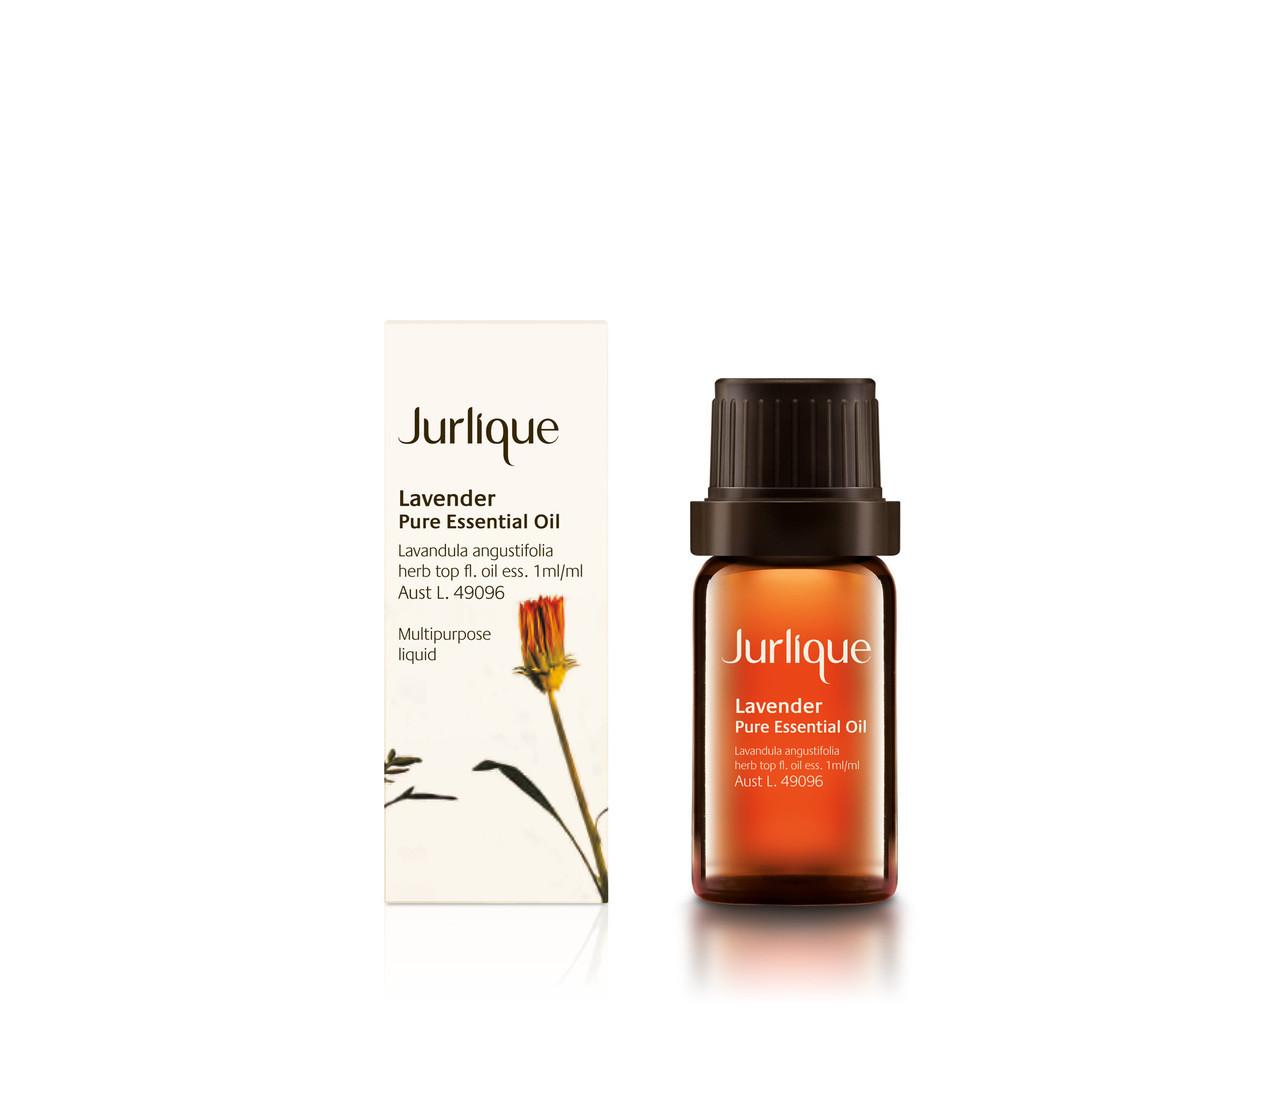 Jurlique Lavender Essential Oil